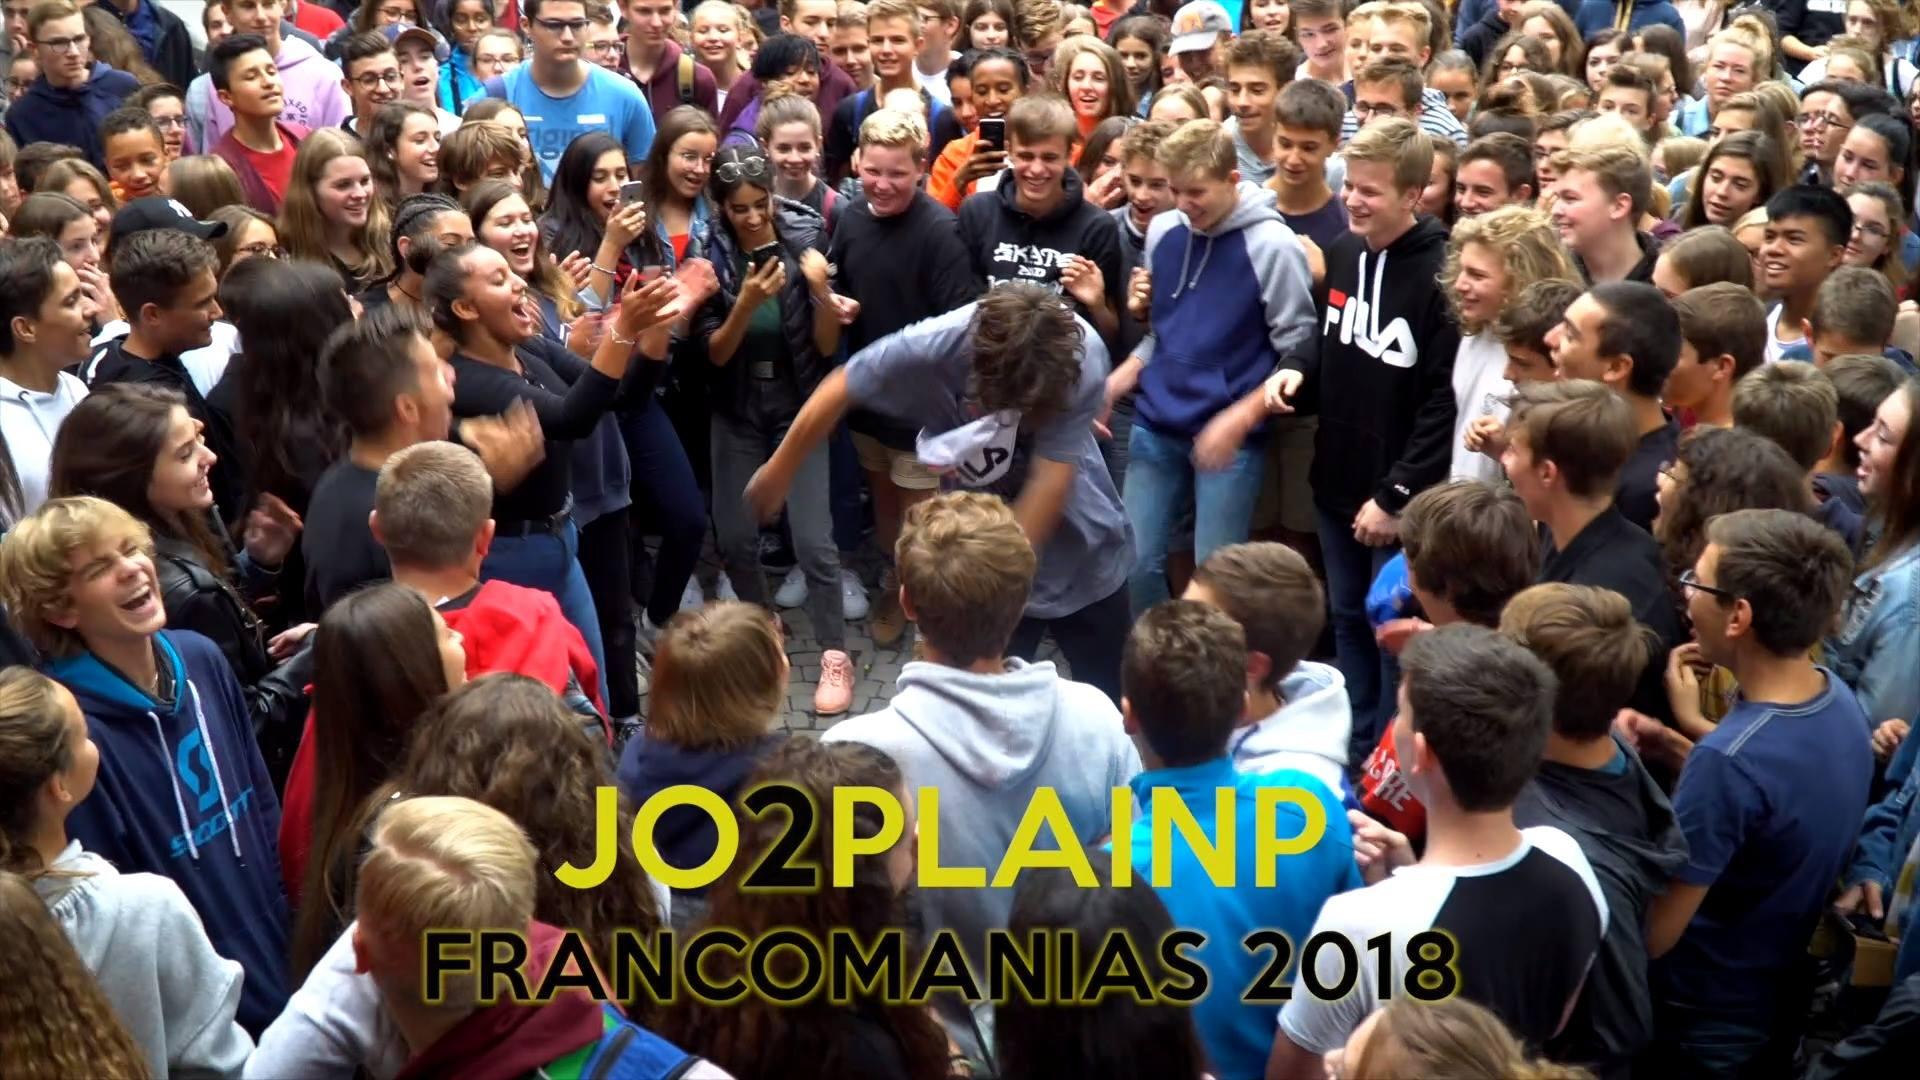 JO2PLAINP - FRANCOMANIAS 2018